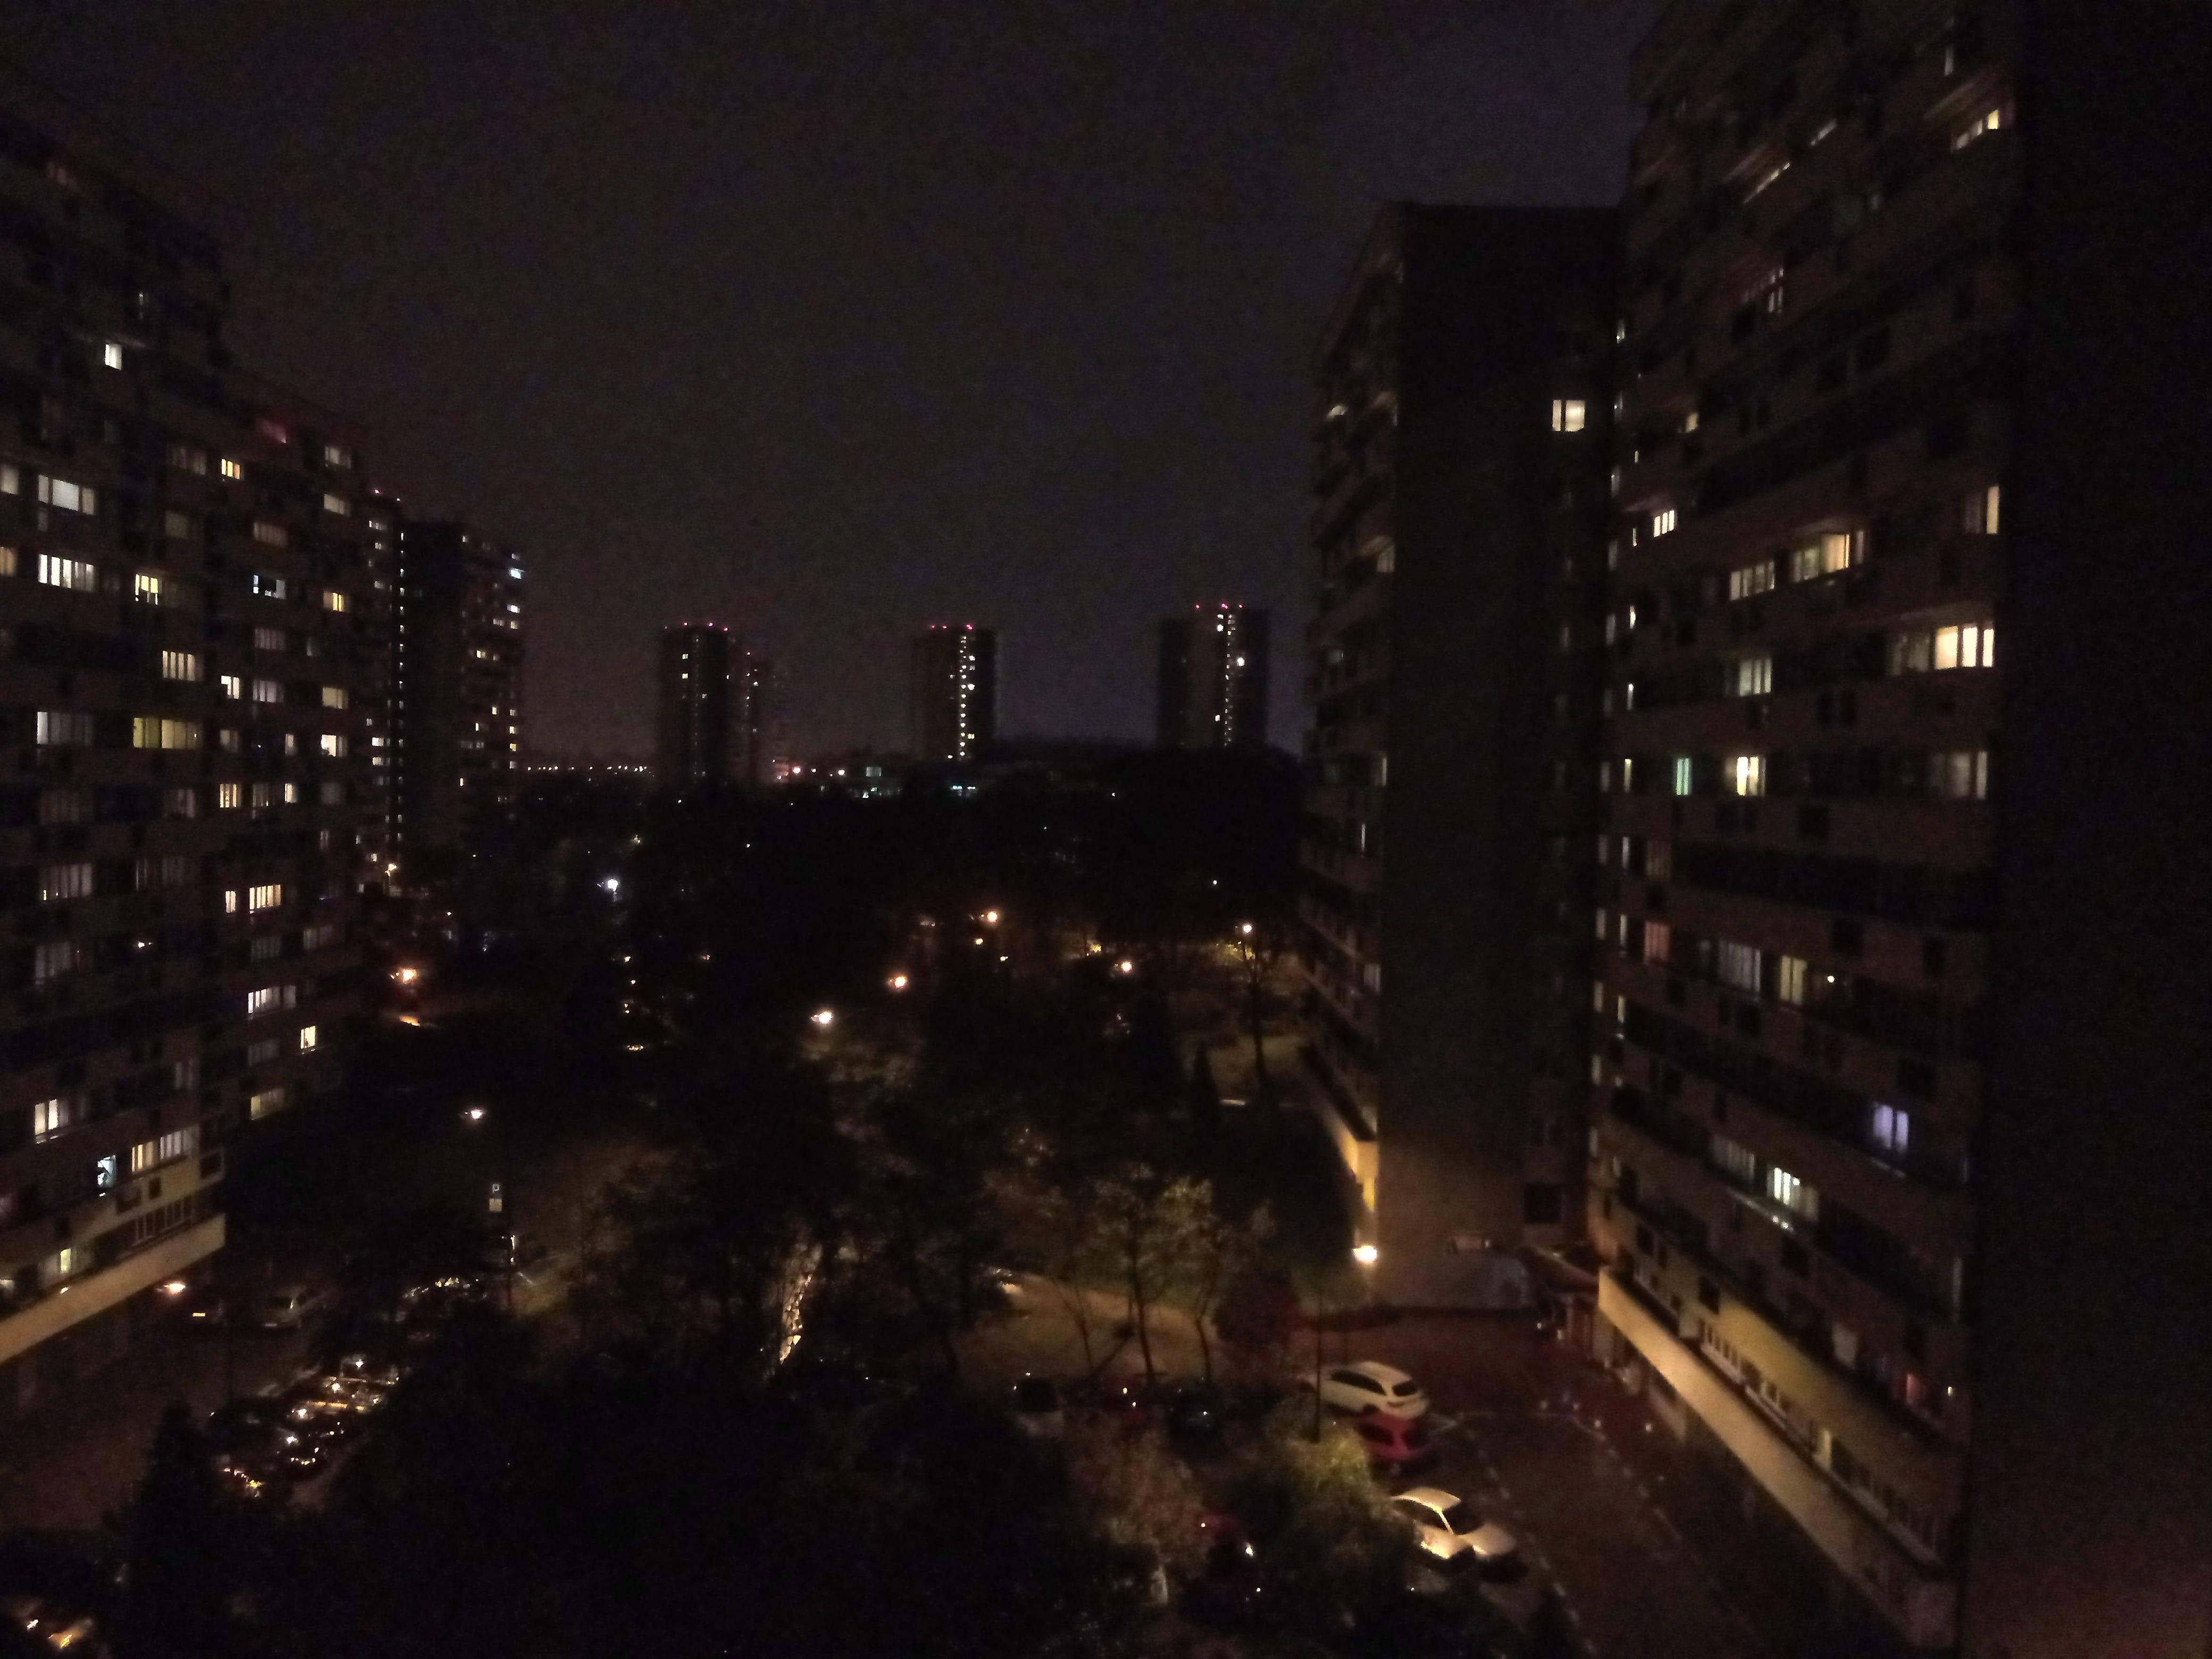 Zdjęcia nocne - LG Q7